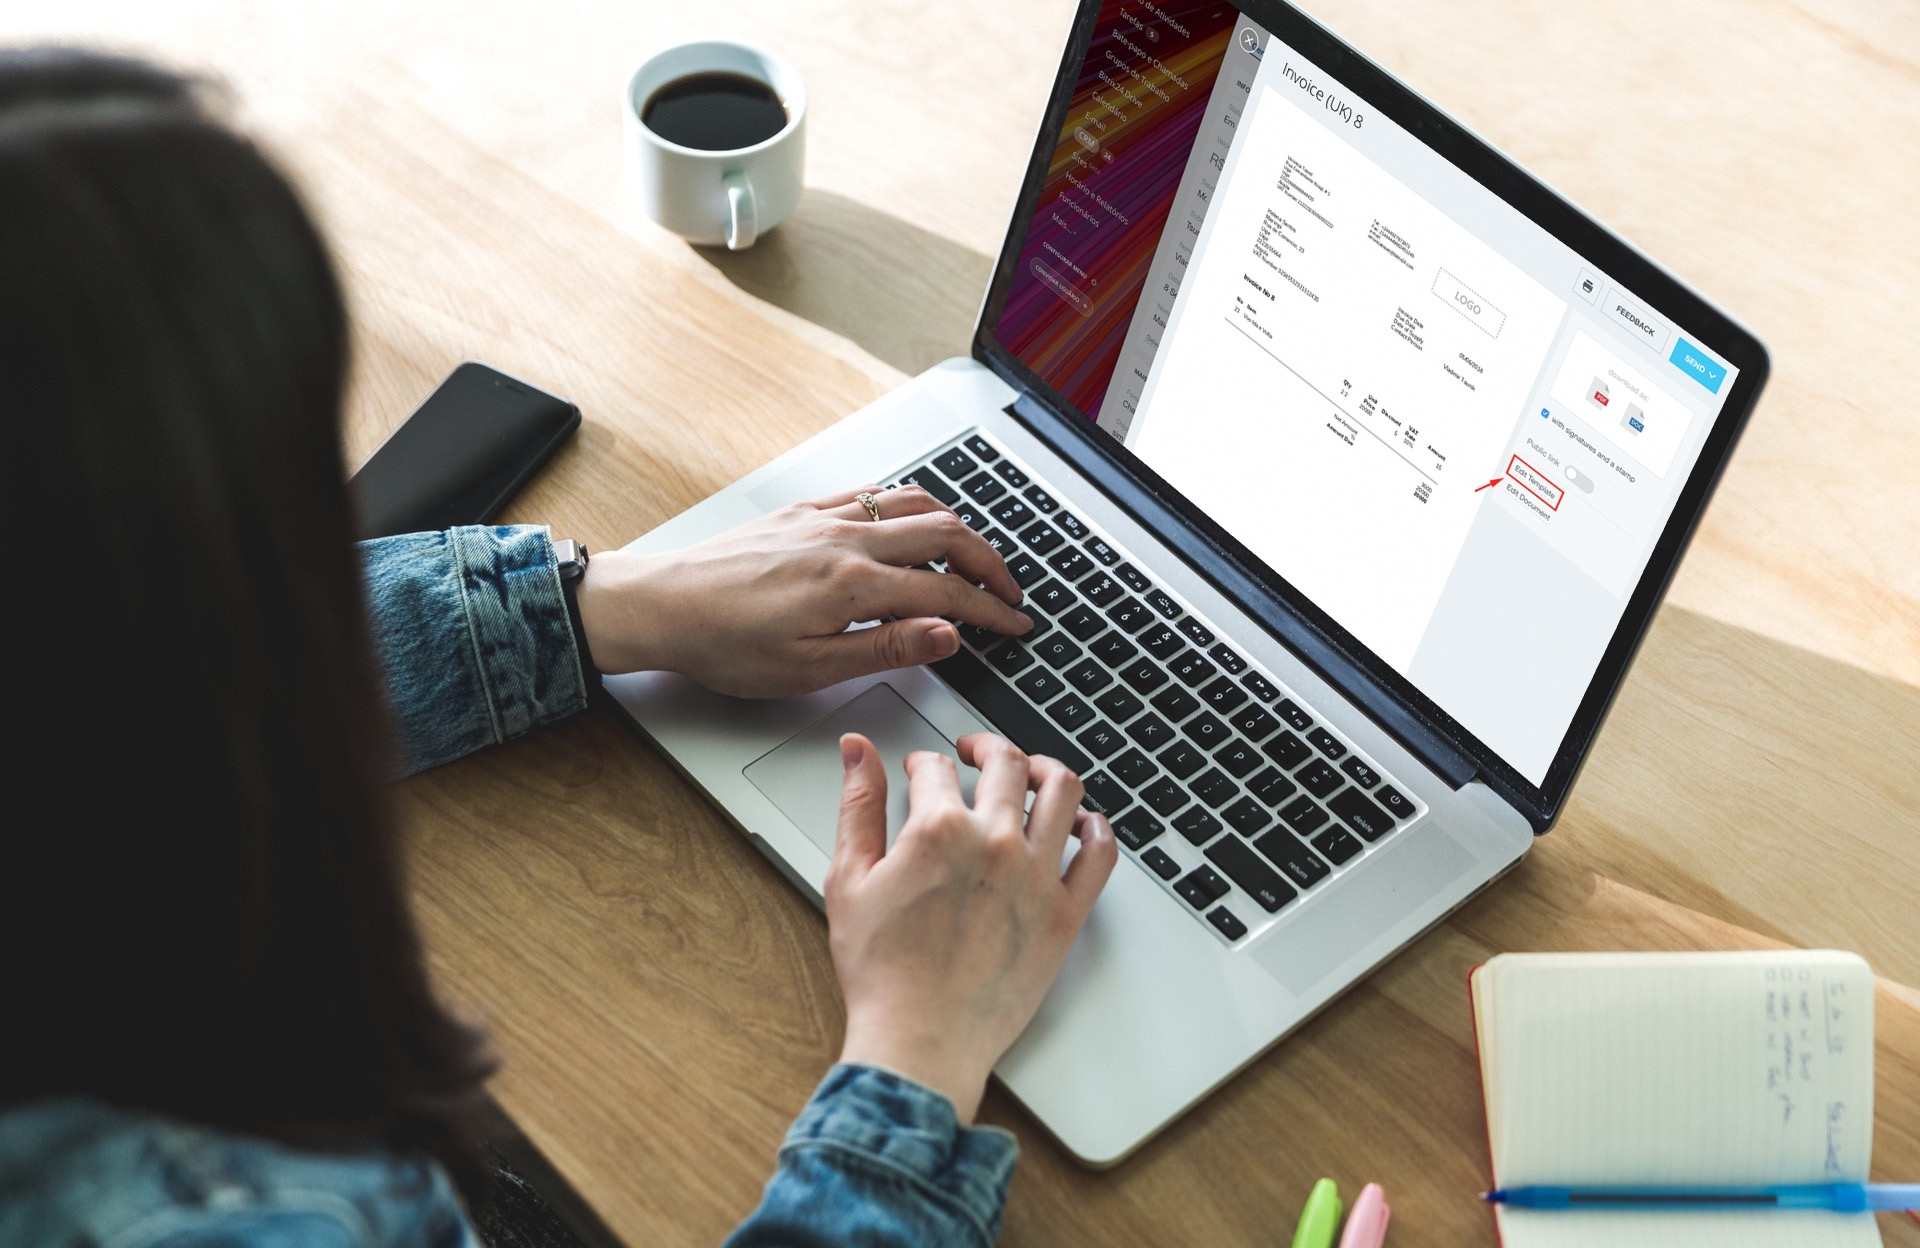 Maneiras fáceis de modificar formatos de data e endereço em modelos de documentos